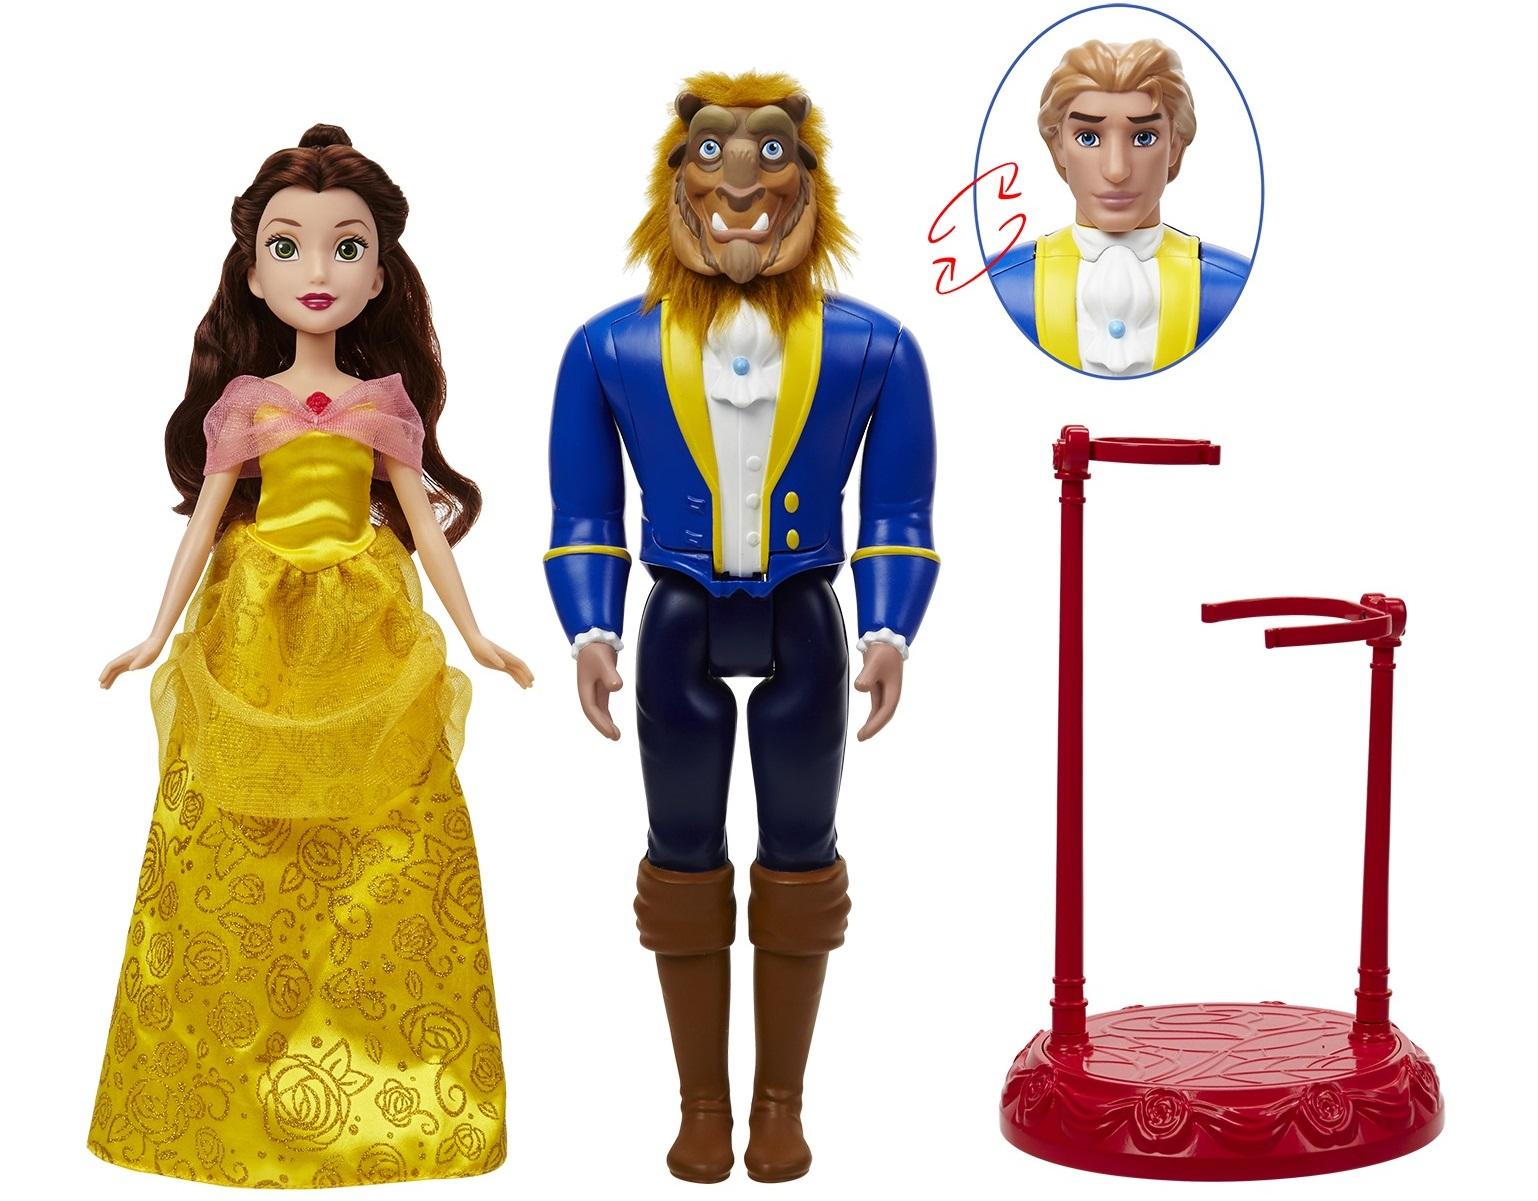 Hasbro's Beauty and the Beast dolls